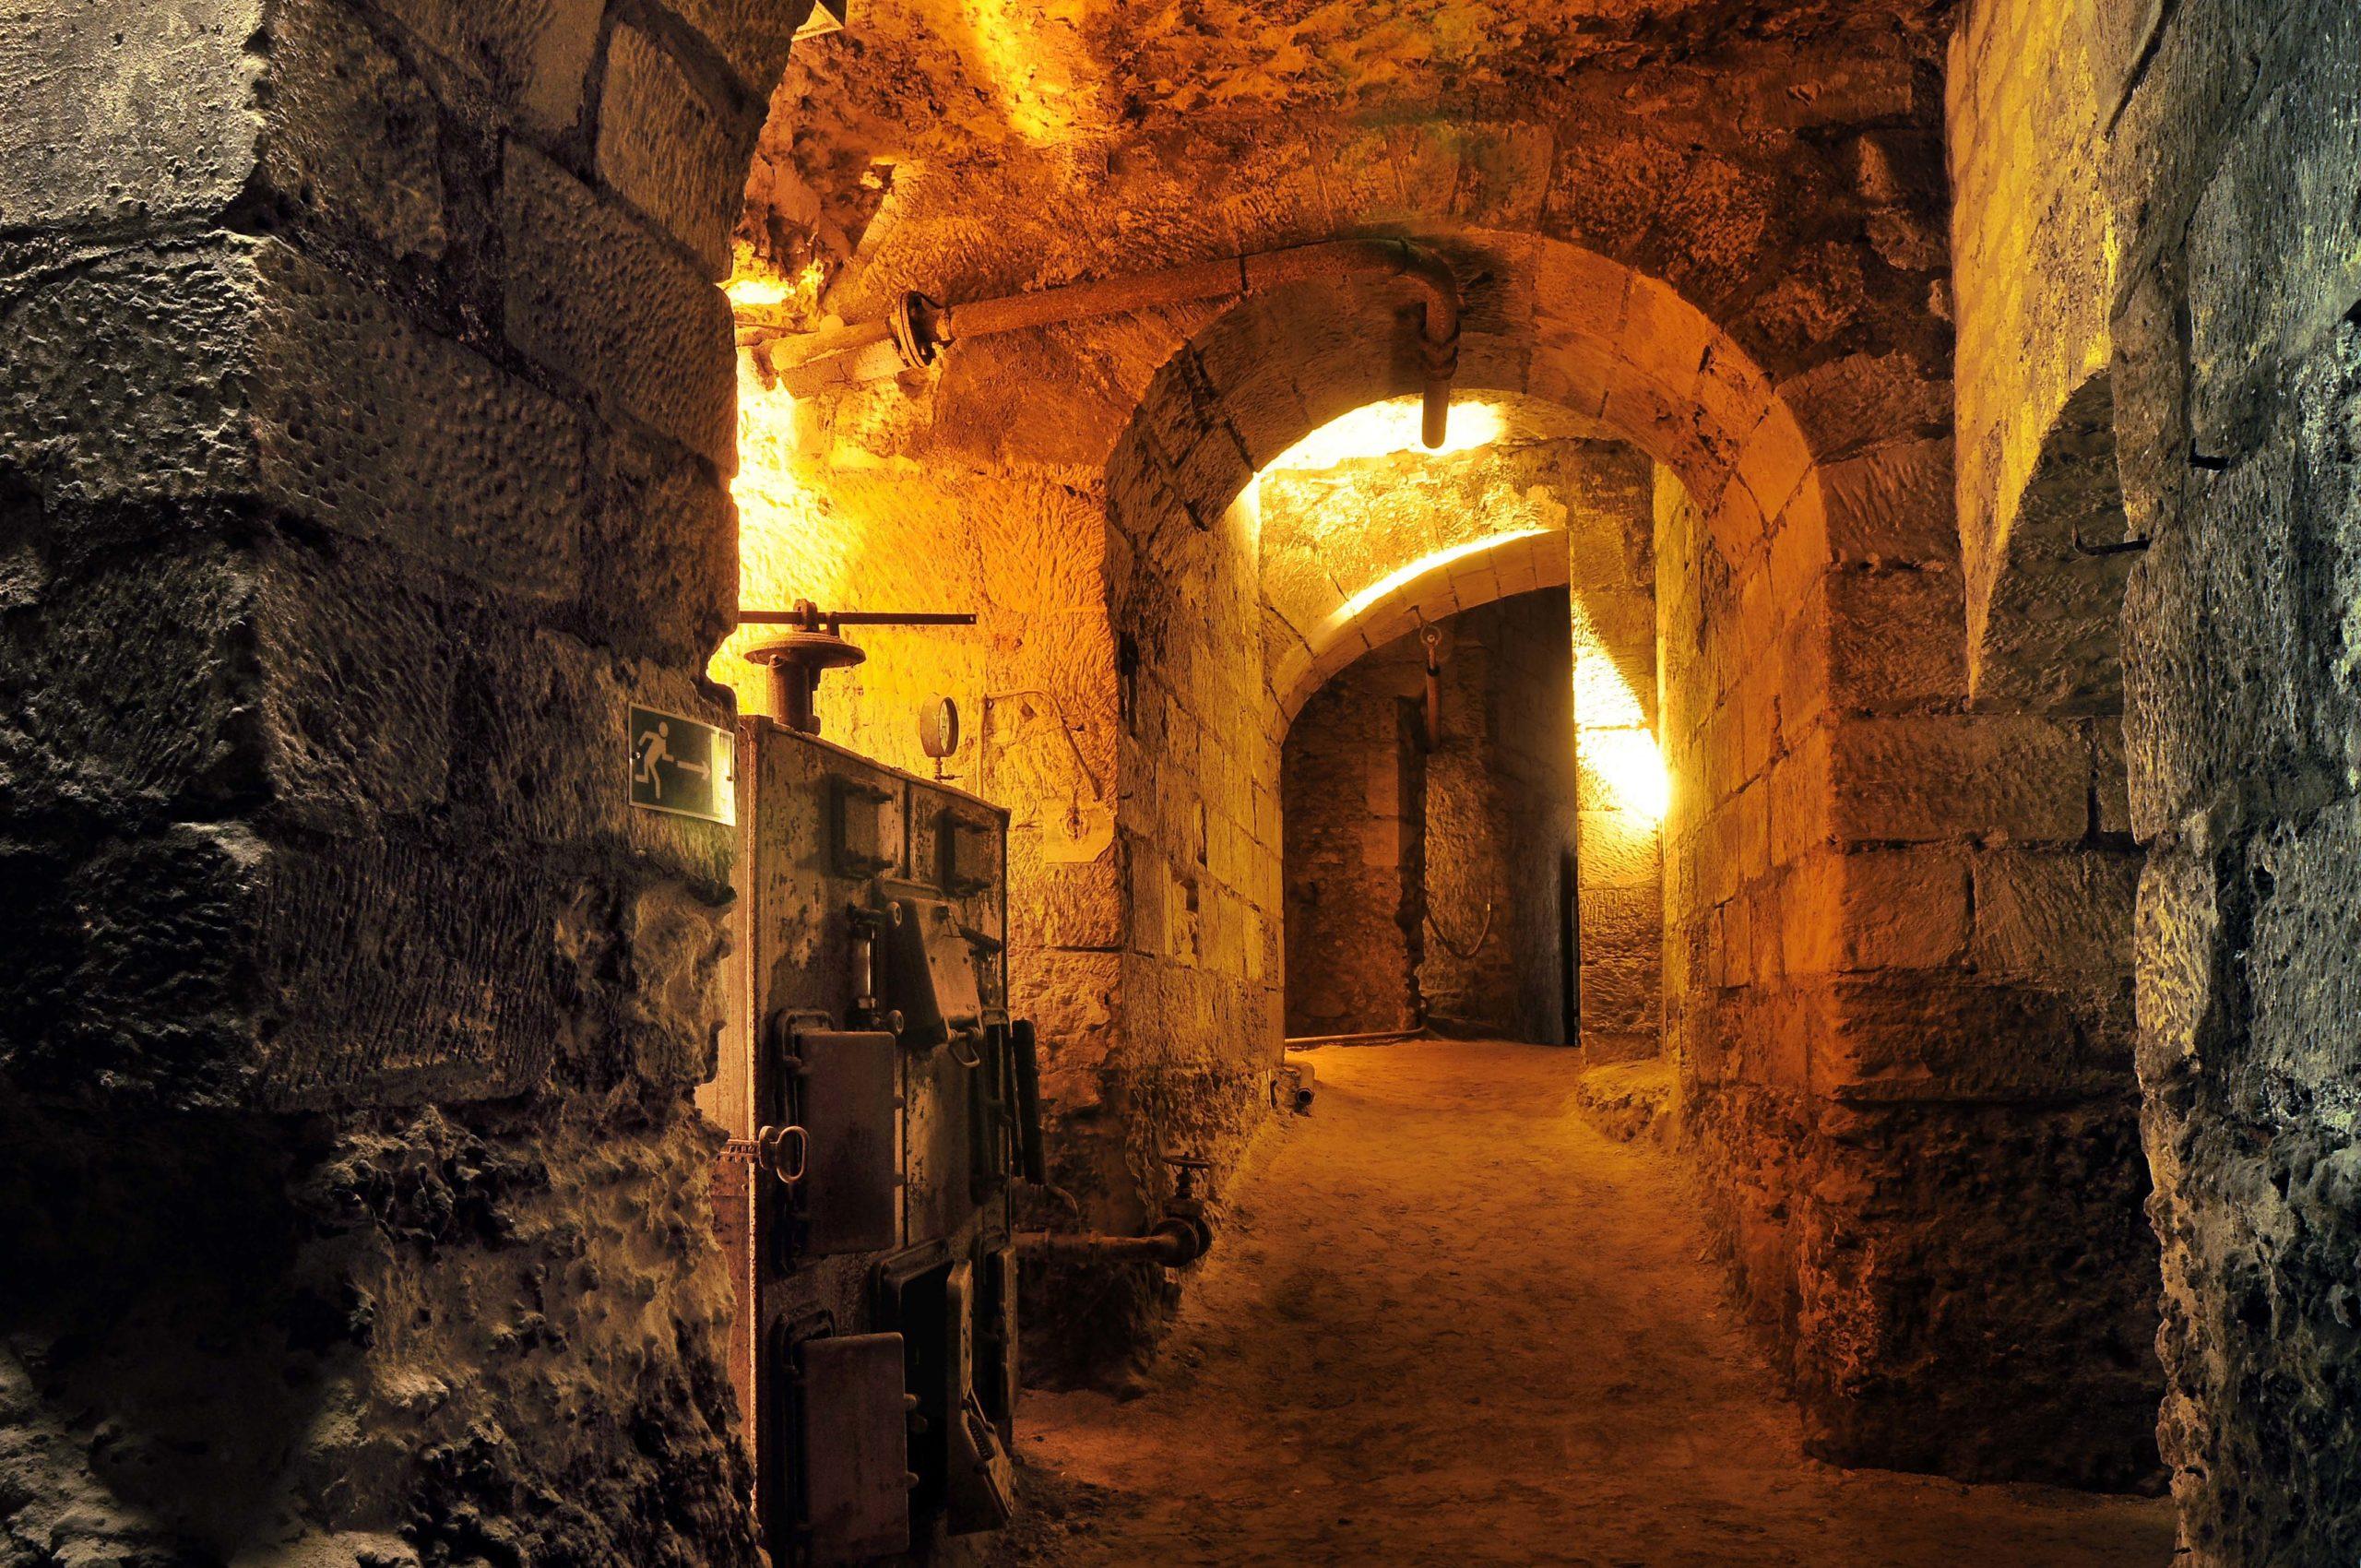 Parcourez les coulisses de l'Histoire au château Royal d'Amboise Amboise   2021-07-07